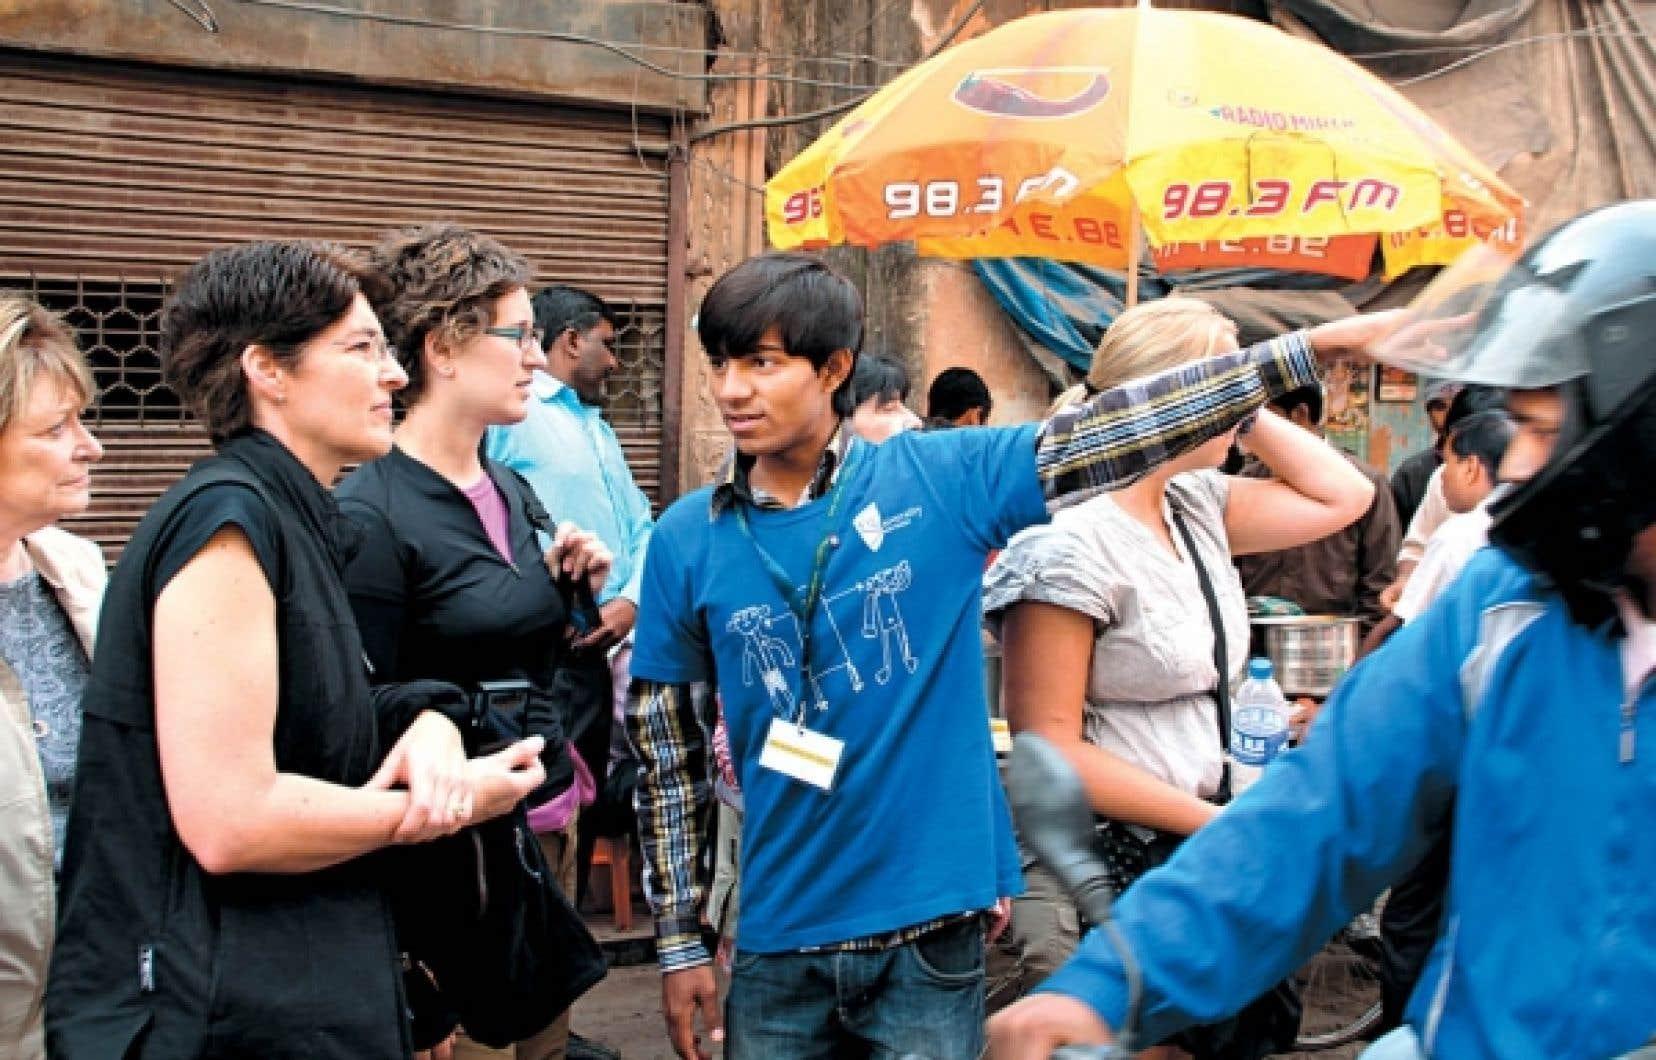 Tariq Aziz, un ancien enfant de la rue, fait découvrir aux touristes l'univers des petits sans-abri de Delhi.<br />